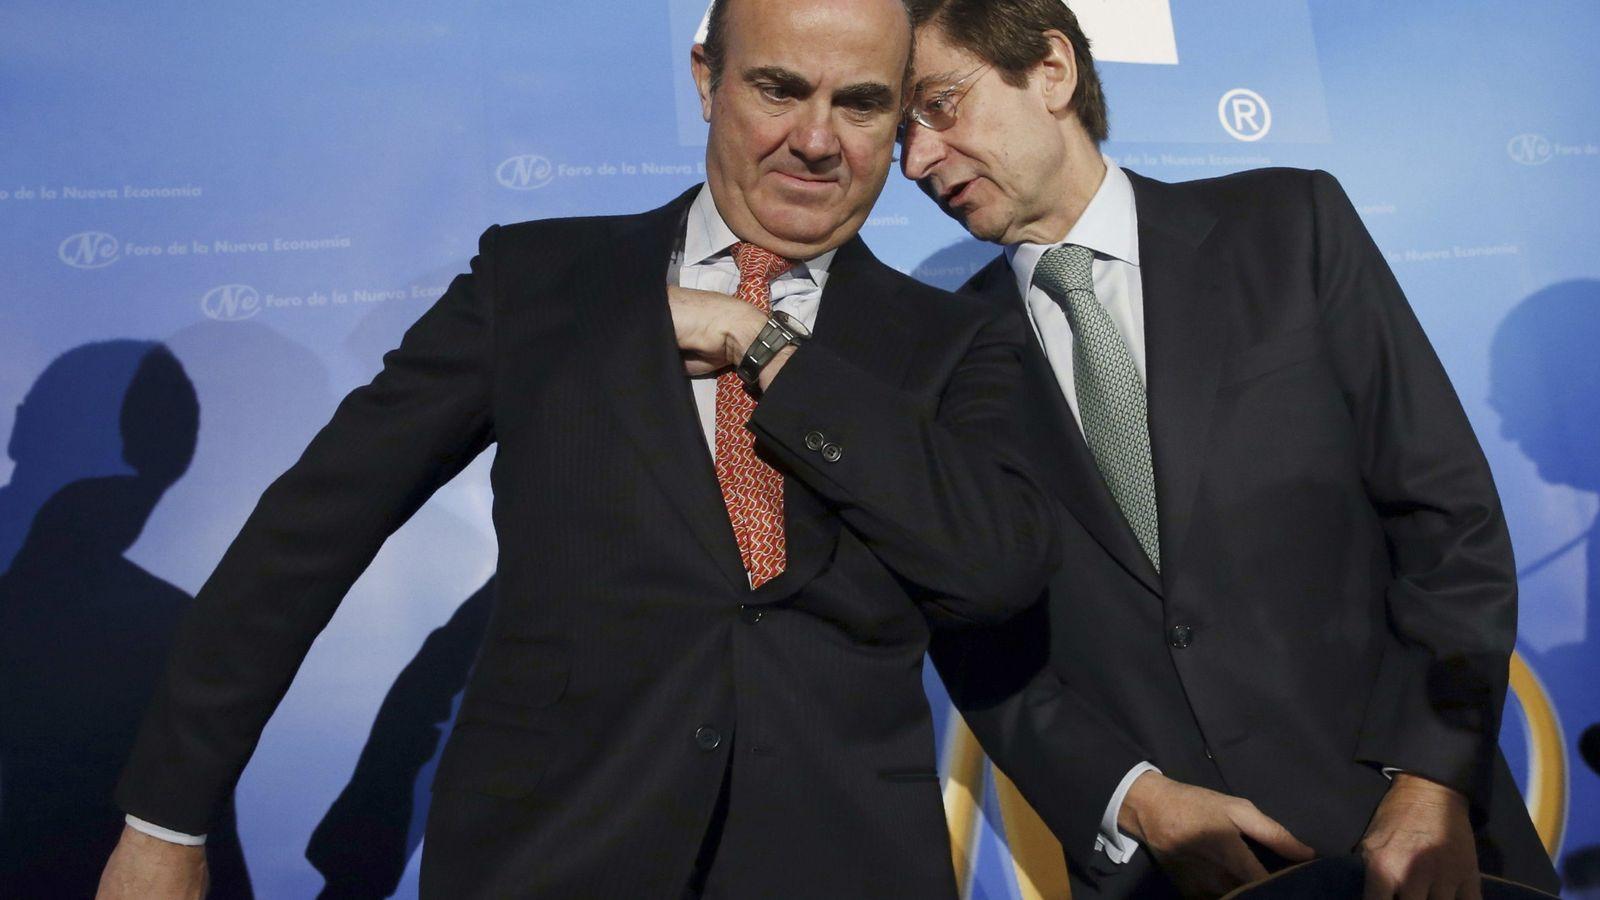 Foto: Luis de Guindos, ministro de Economía en funciones, y José Ignacio Goirigolzarri, presidente de Bankia. (Efe)